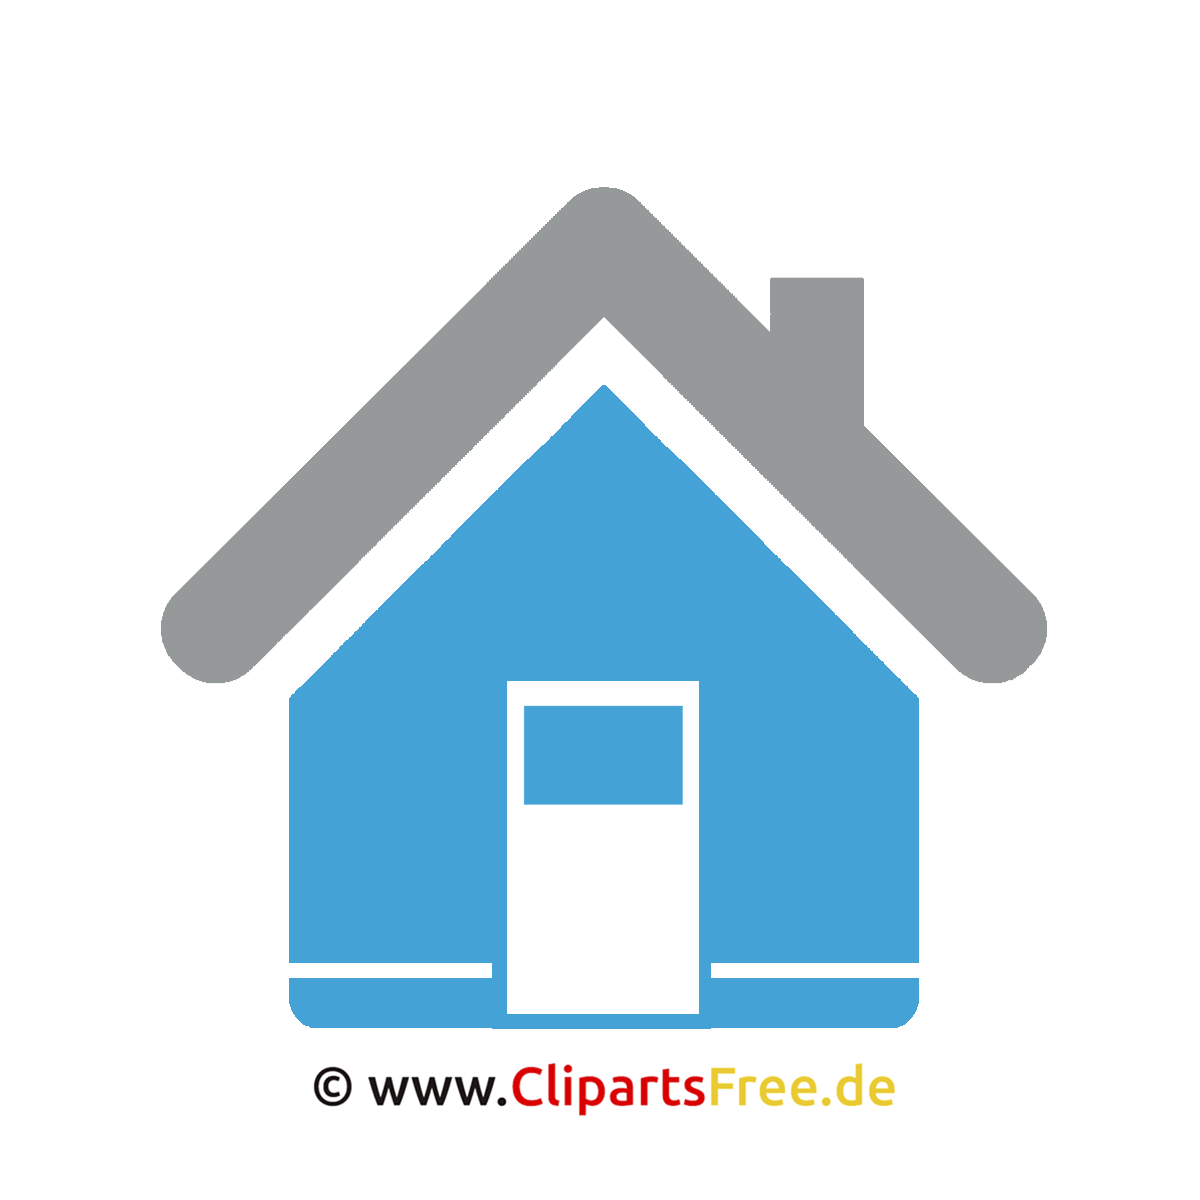 Haus clipart schwarz weiß  Haus Clipart-Bild kostenlos